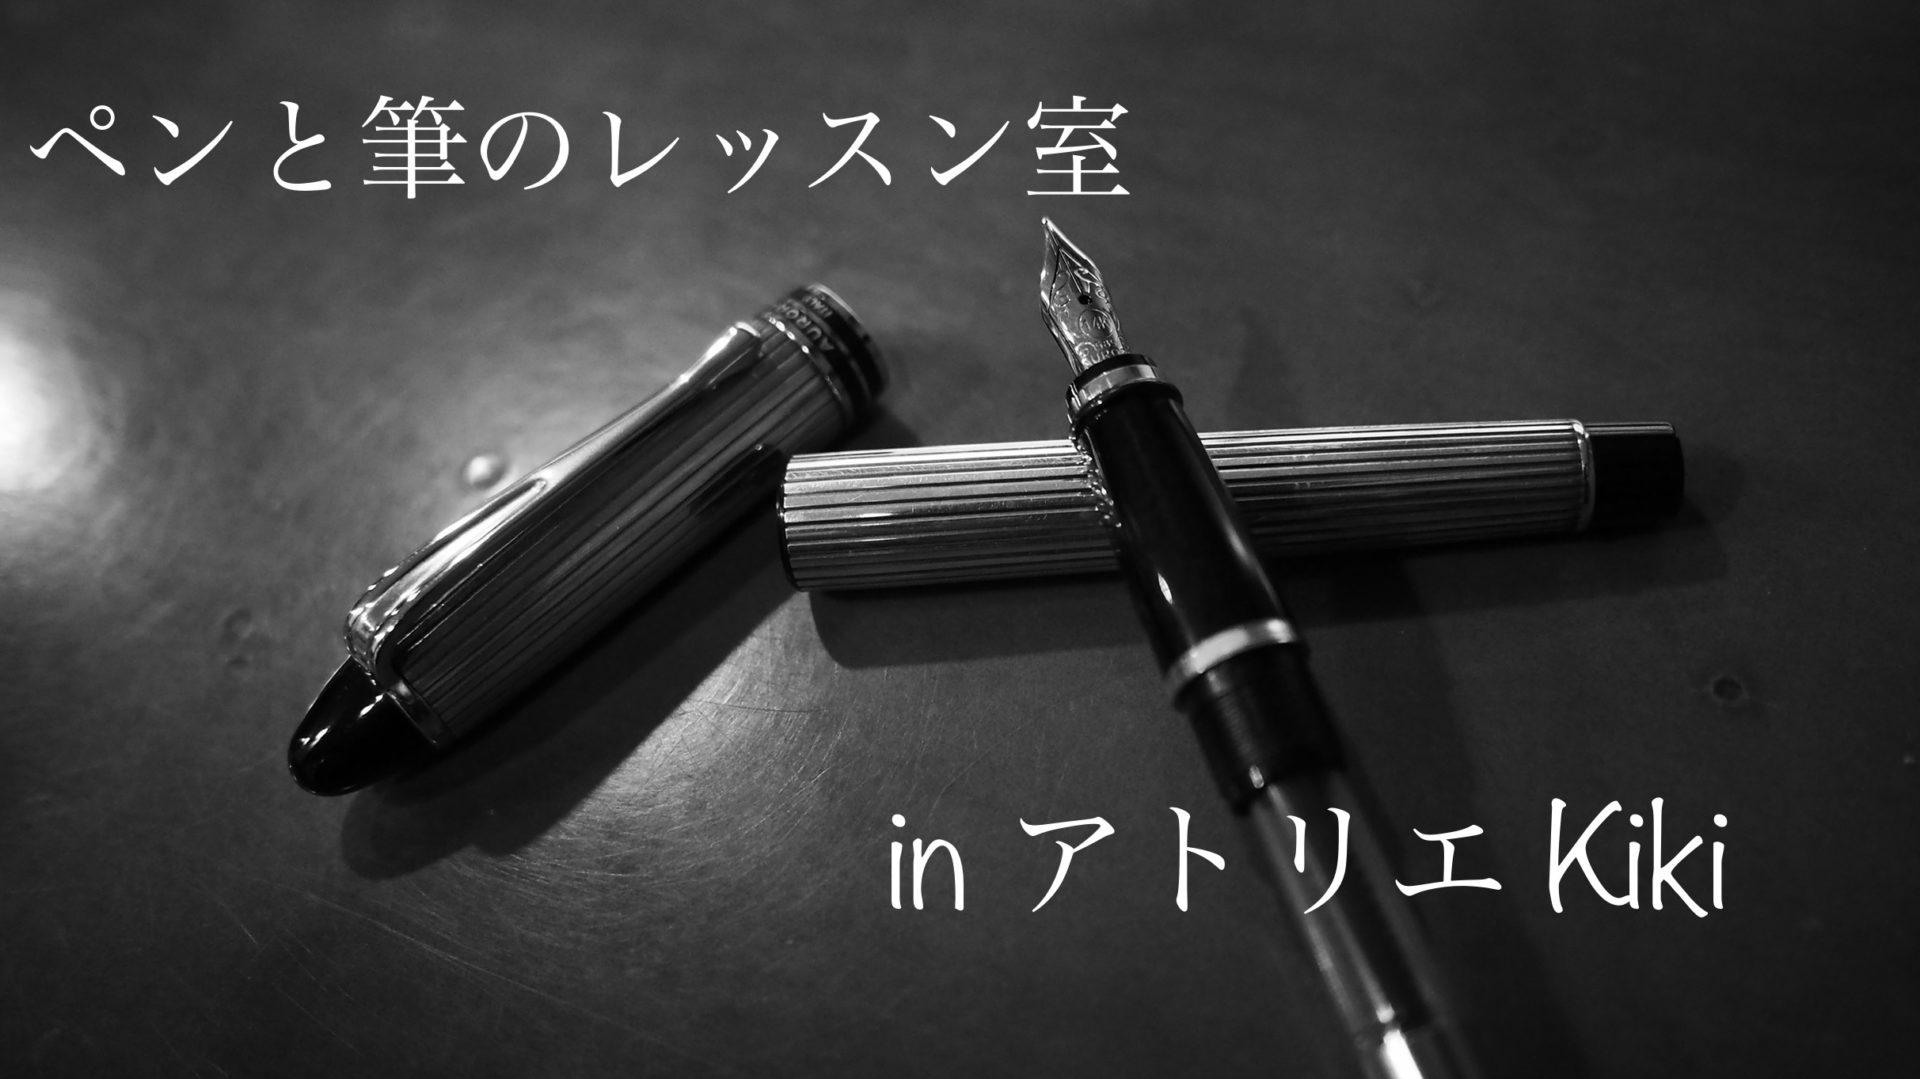 ペンと筆 タイトル